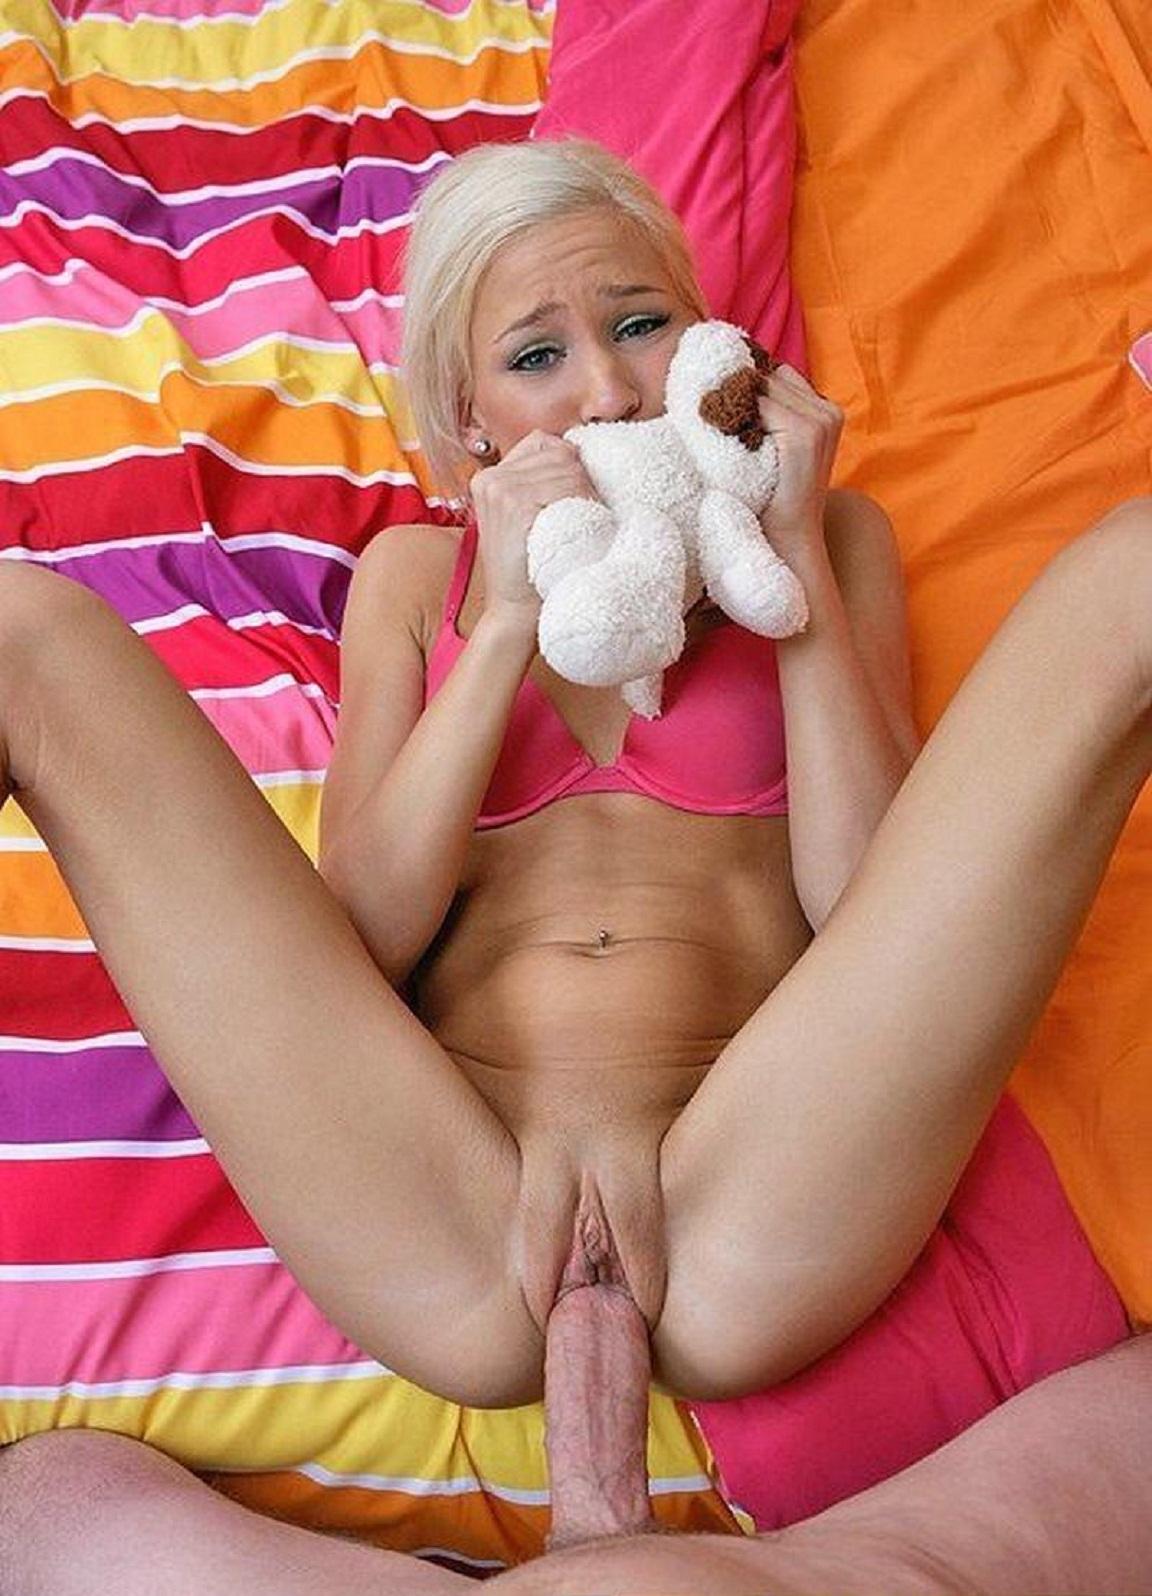 Молодые девушки на больших членах порно